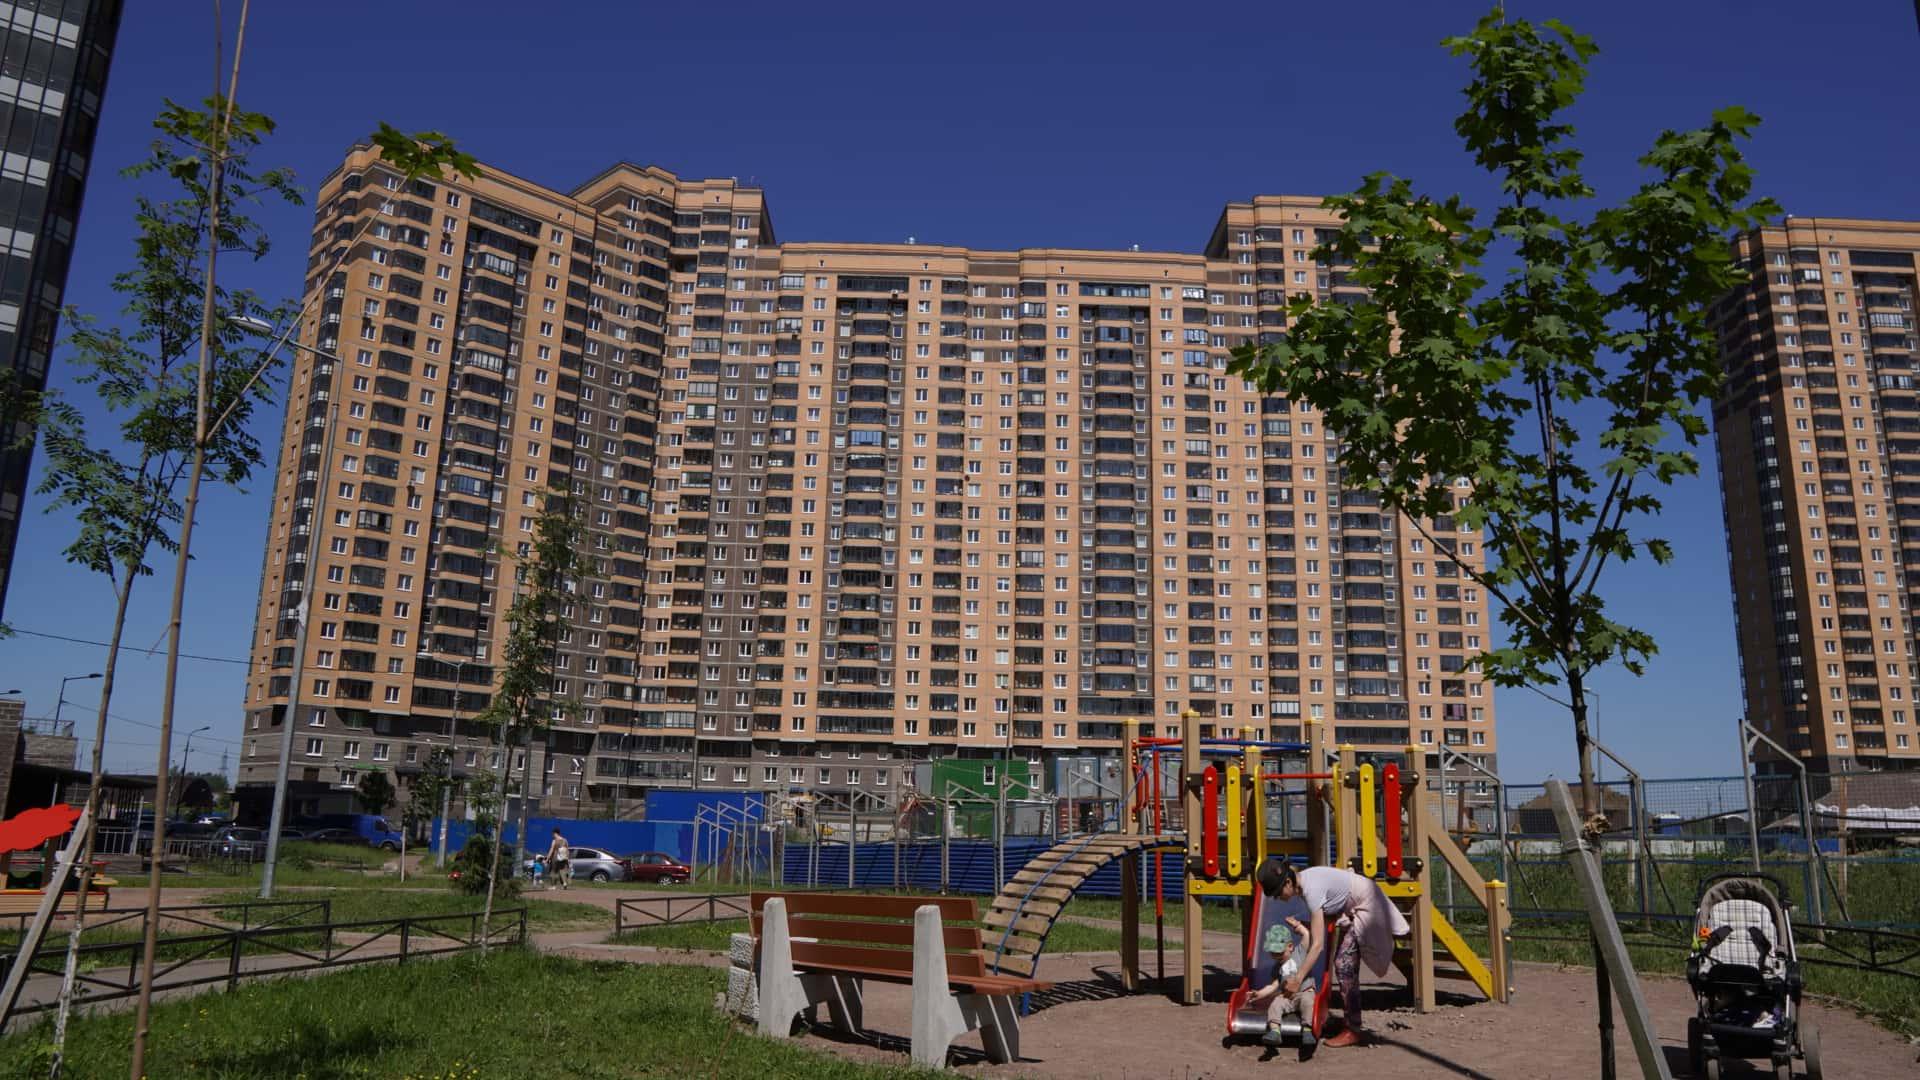 Многоквартирные многоэтажные жилые дома, а также архитектурные формы из бетона